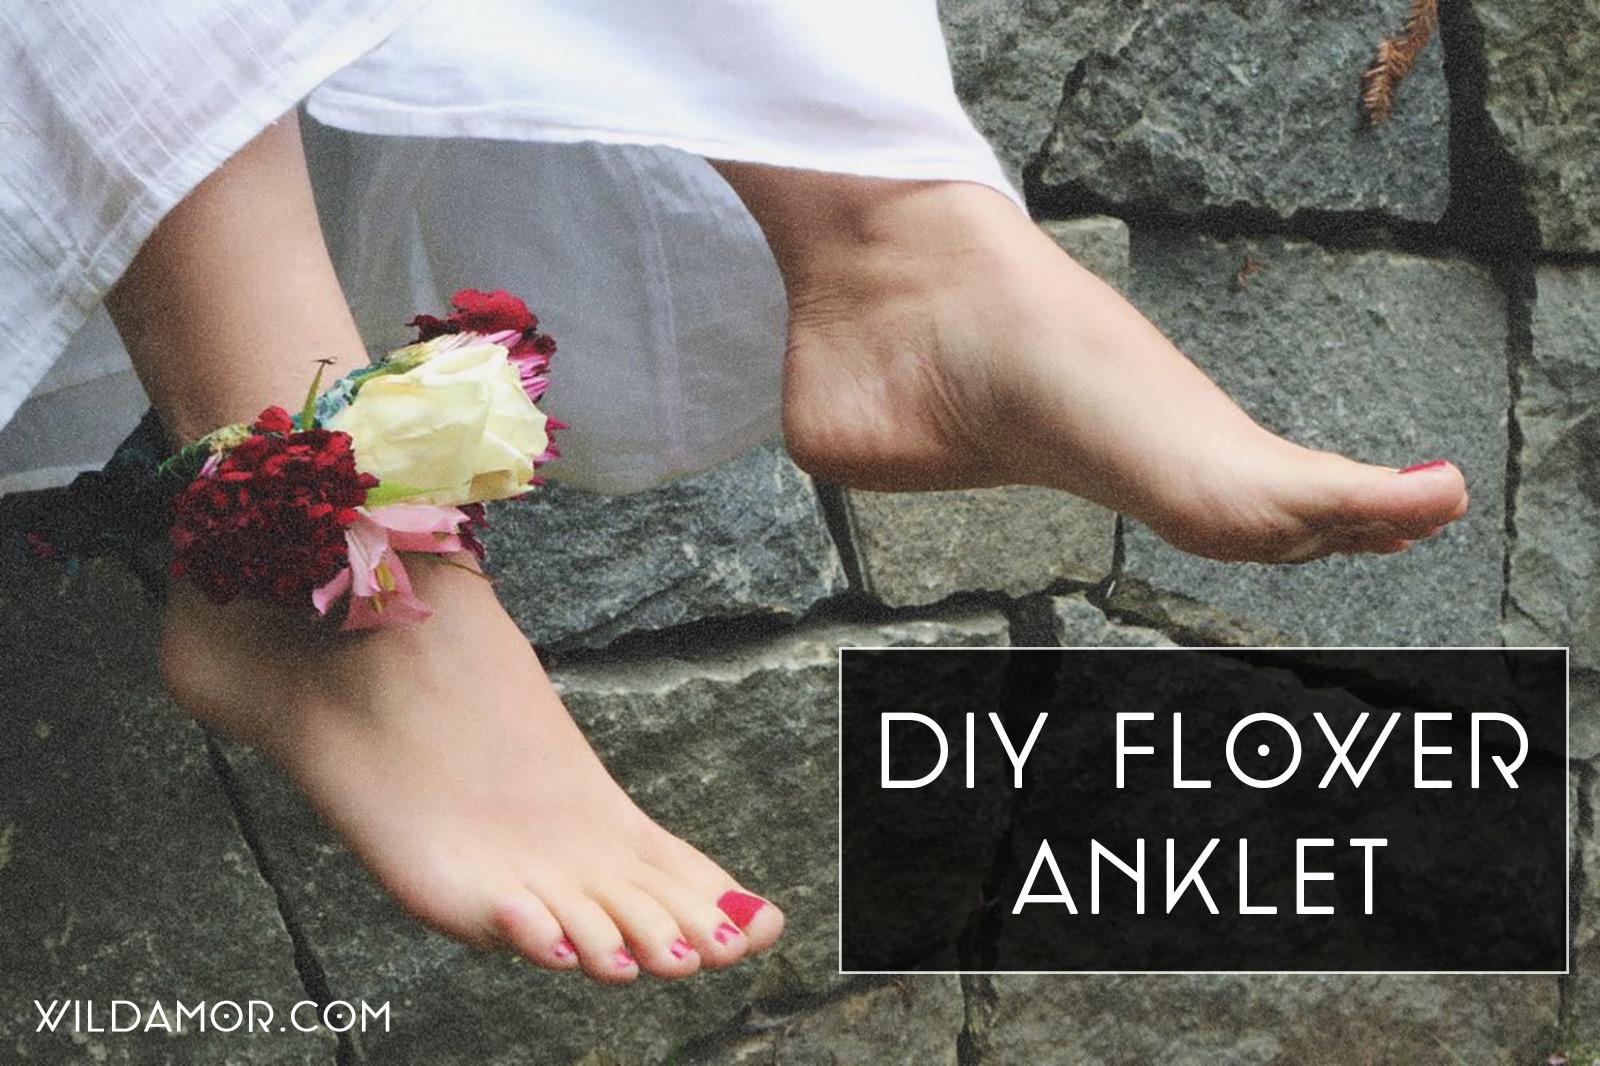 Wild Amor DIY Flower Anklet